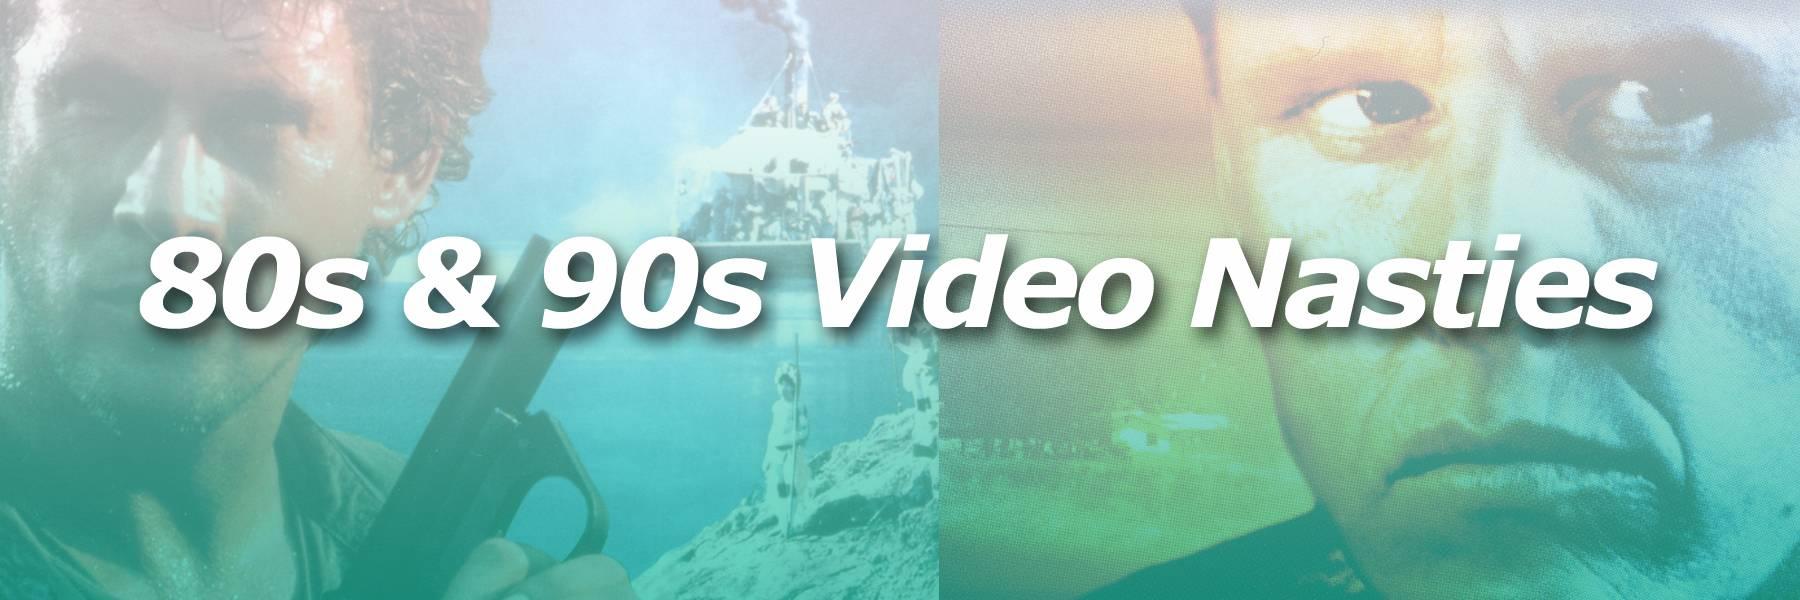 80s & 90s Video Nasties